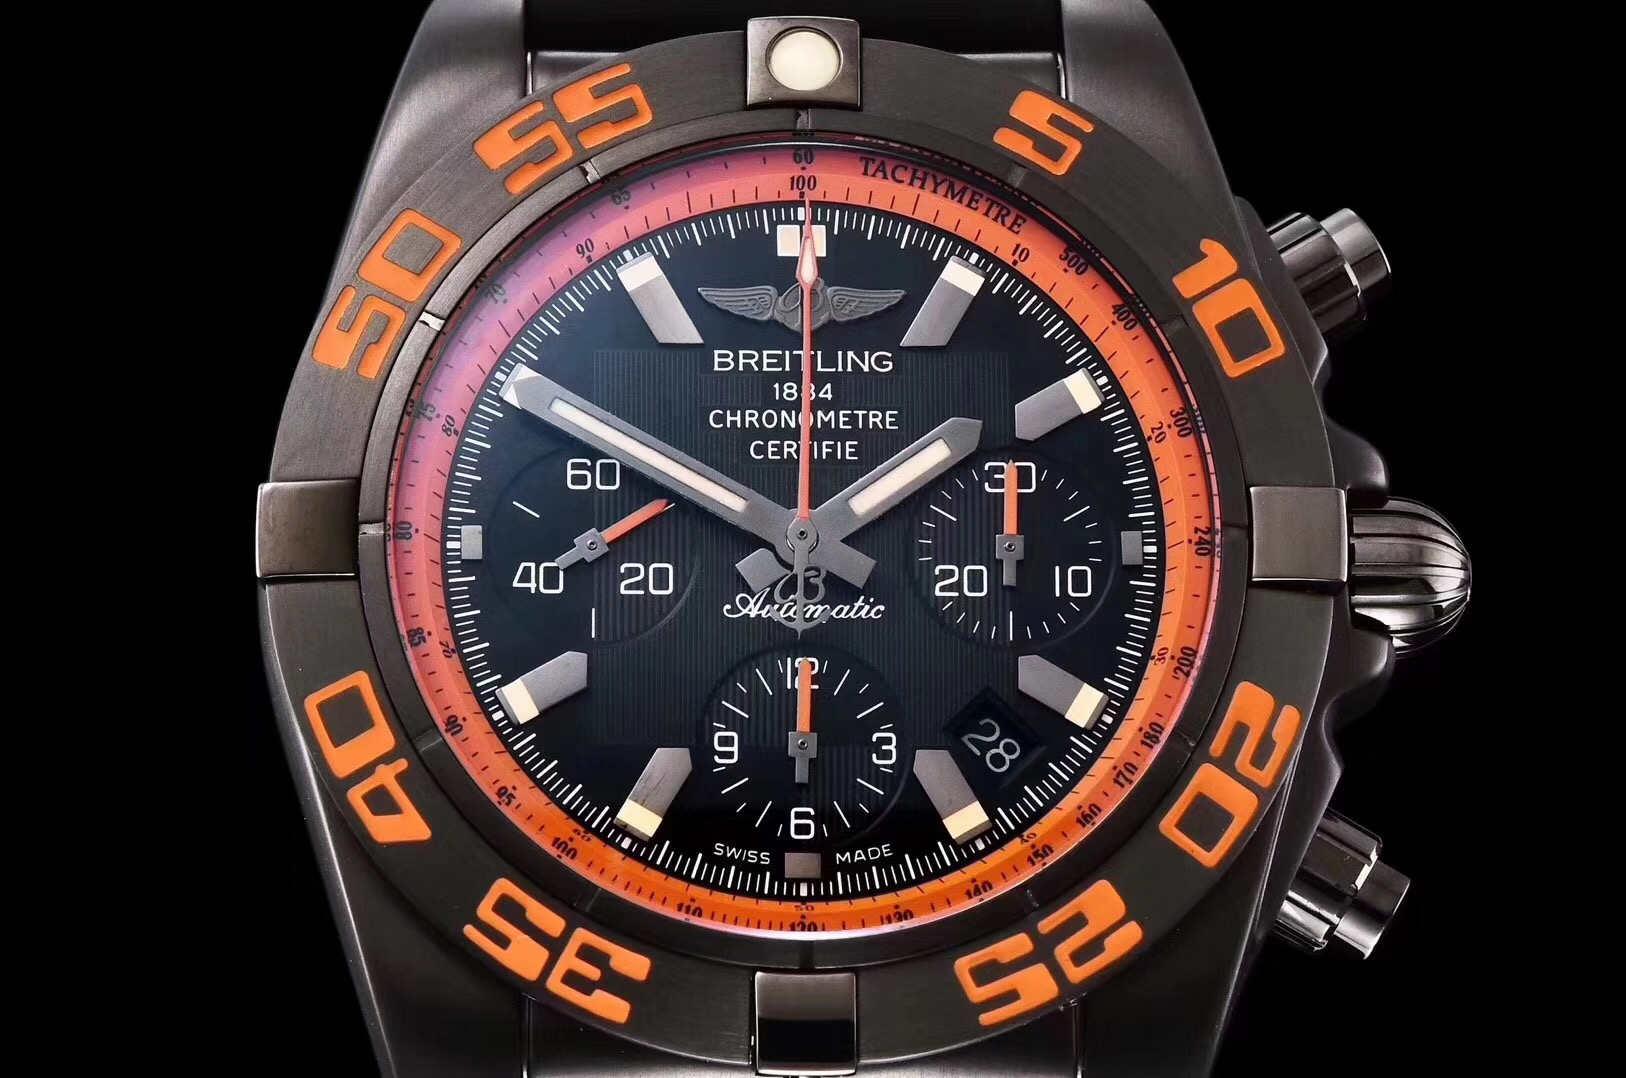 GF厂机械计时系列终极计时黑鹰复刻腕表做工细节深度评测-品鉴GF厂腕表